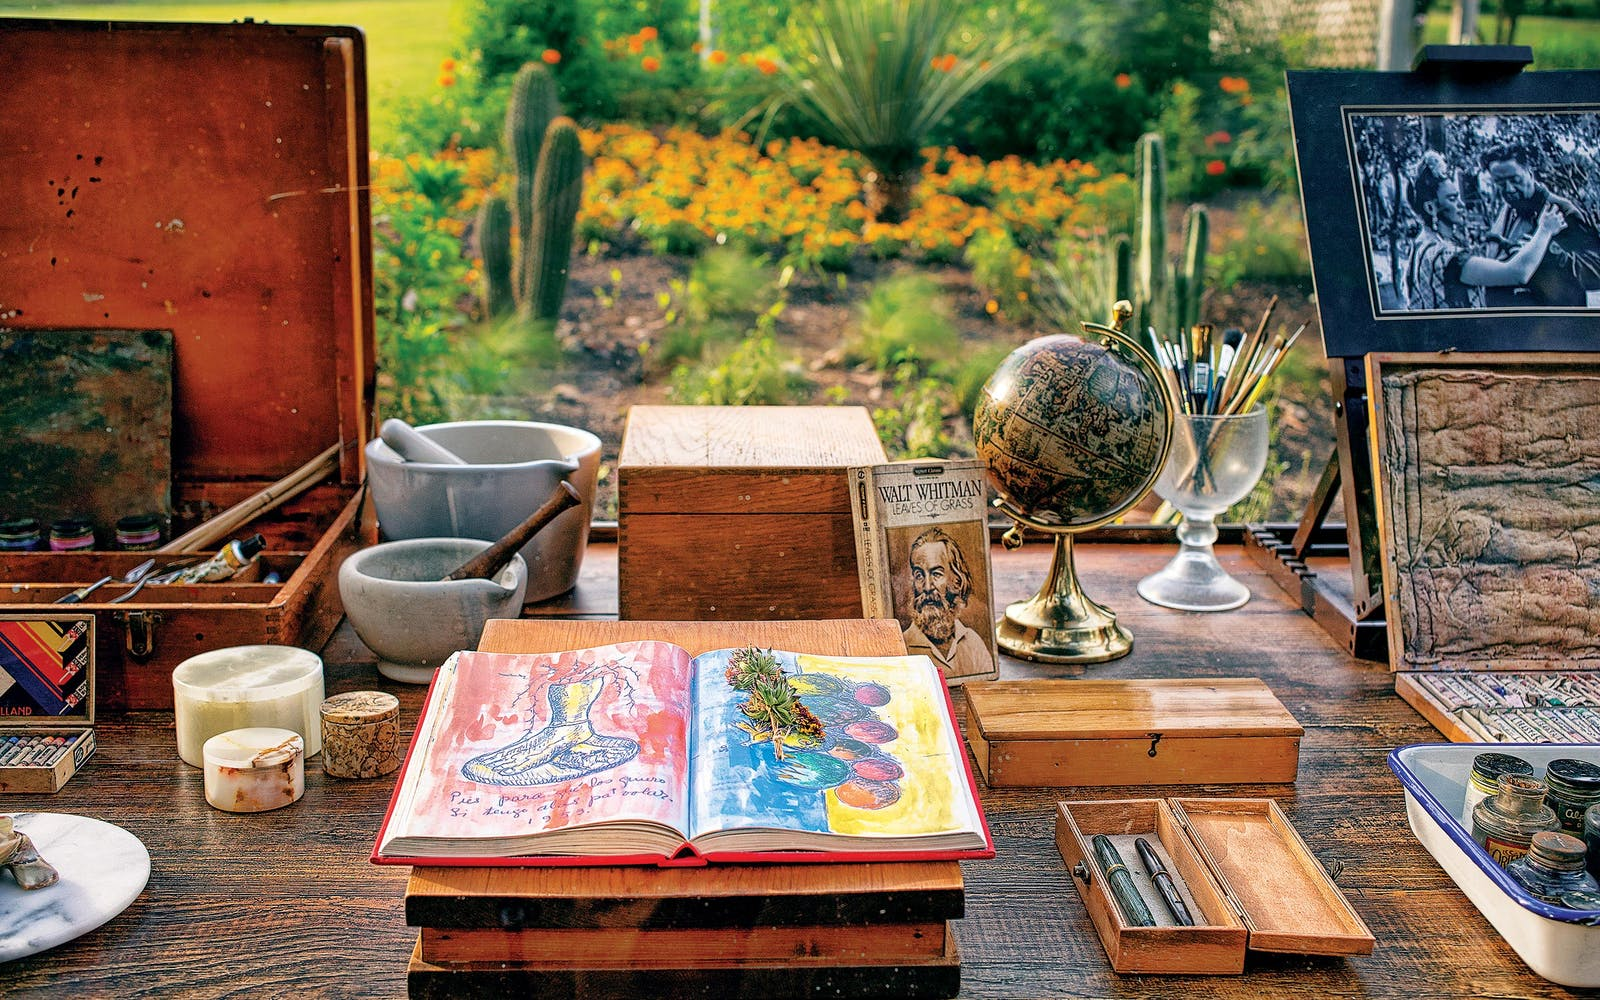 Una réplica del Frida Kahlo Desk se exhibe como parte de la exposición Frida Kahlo Oasis en el Jardín Botánico de San Antonio.